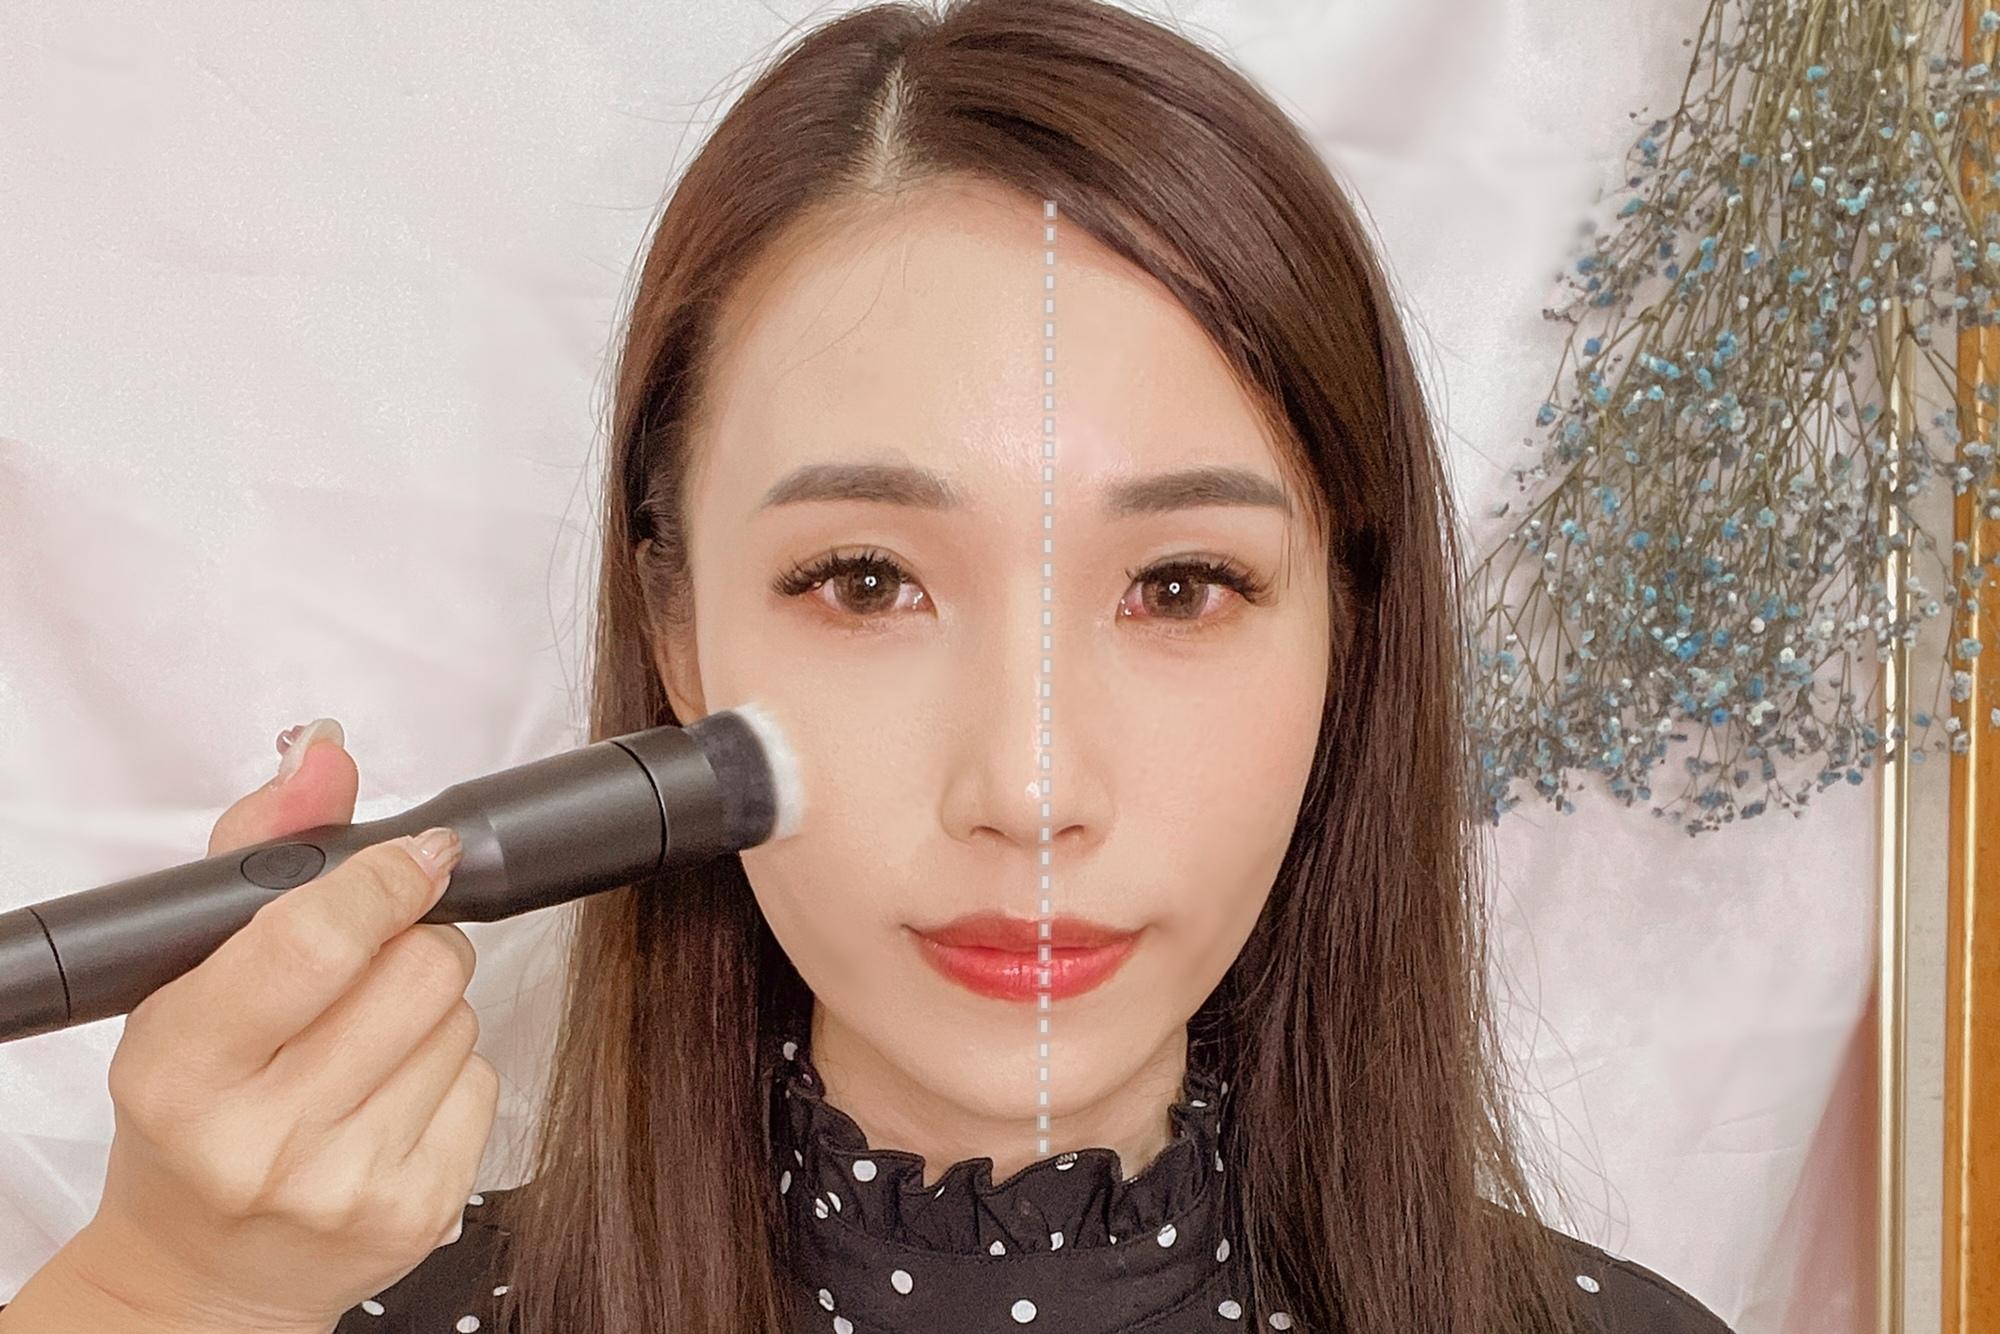 彩妝工具推薦 blendSMART電動化妝刷 達人套裝開箱 上妝輕柔更有效率20.jpg